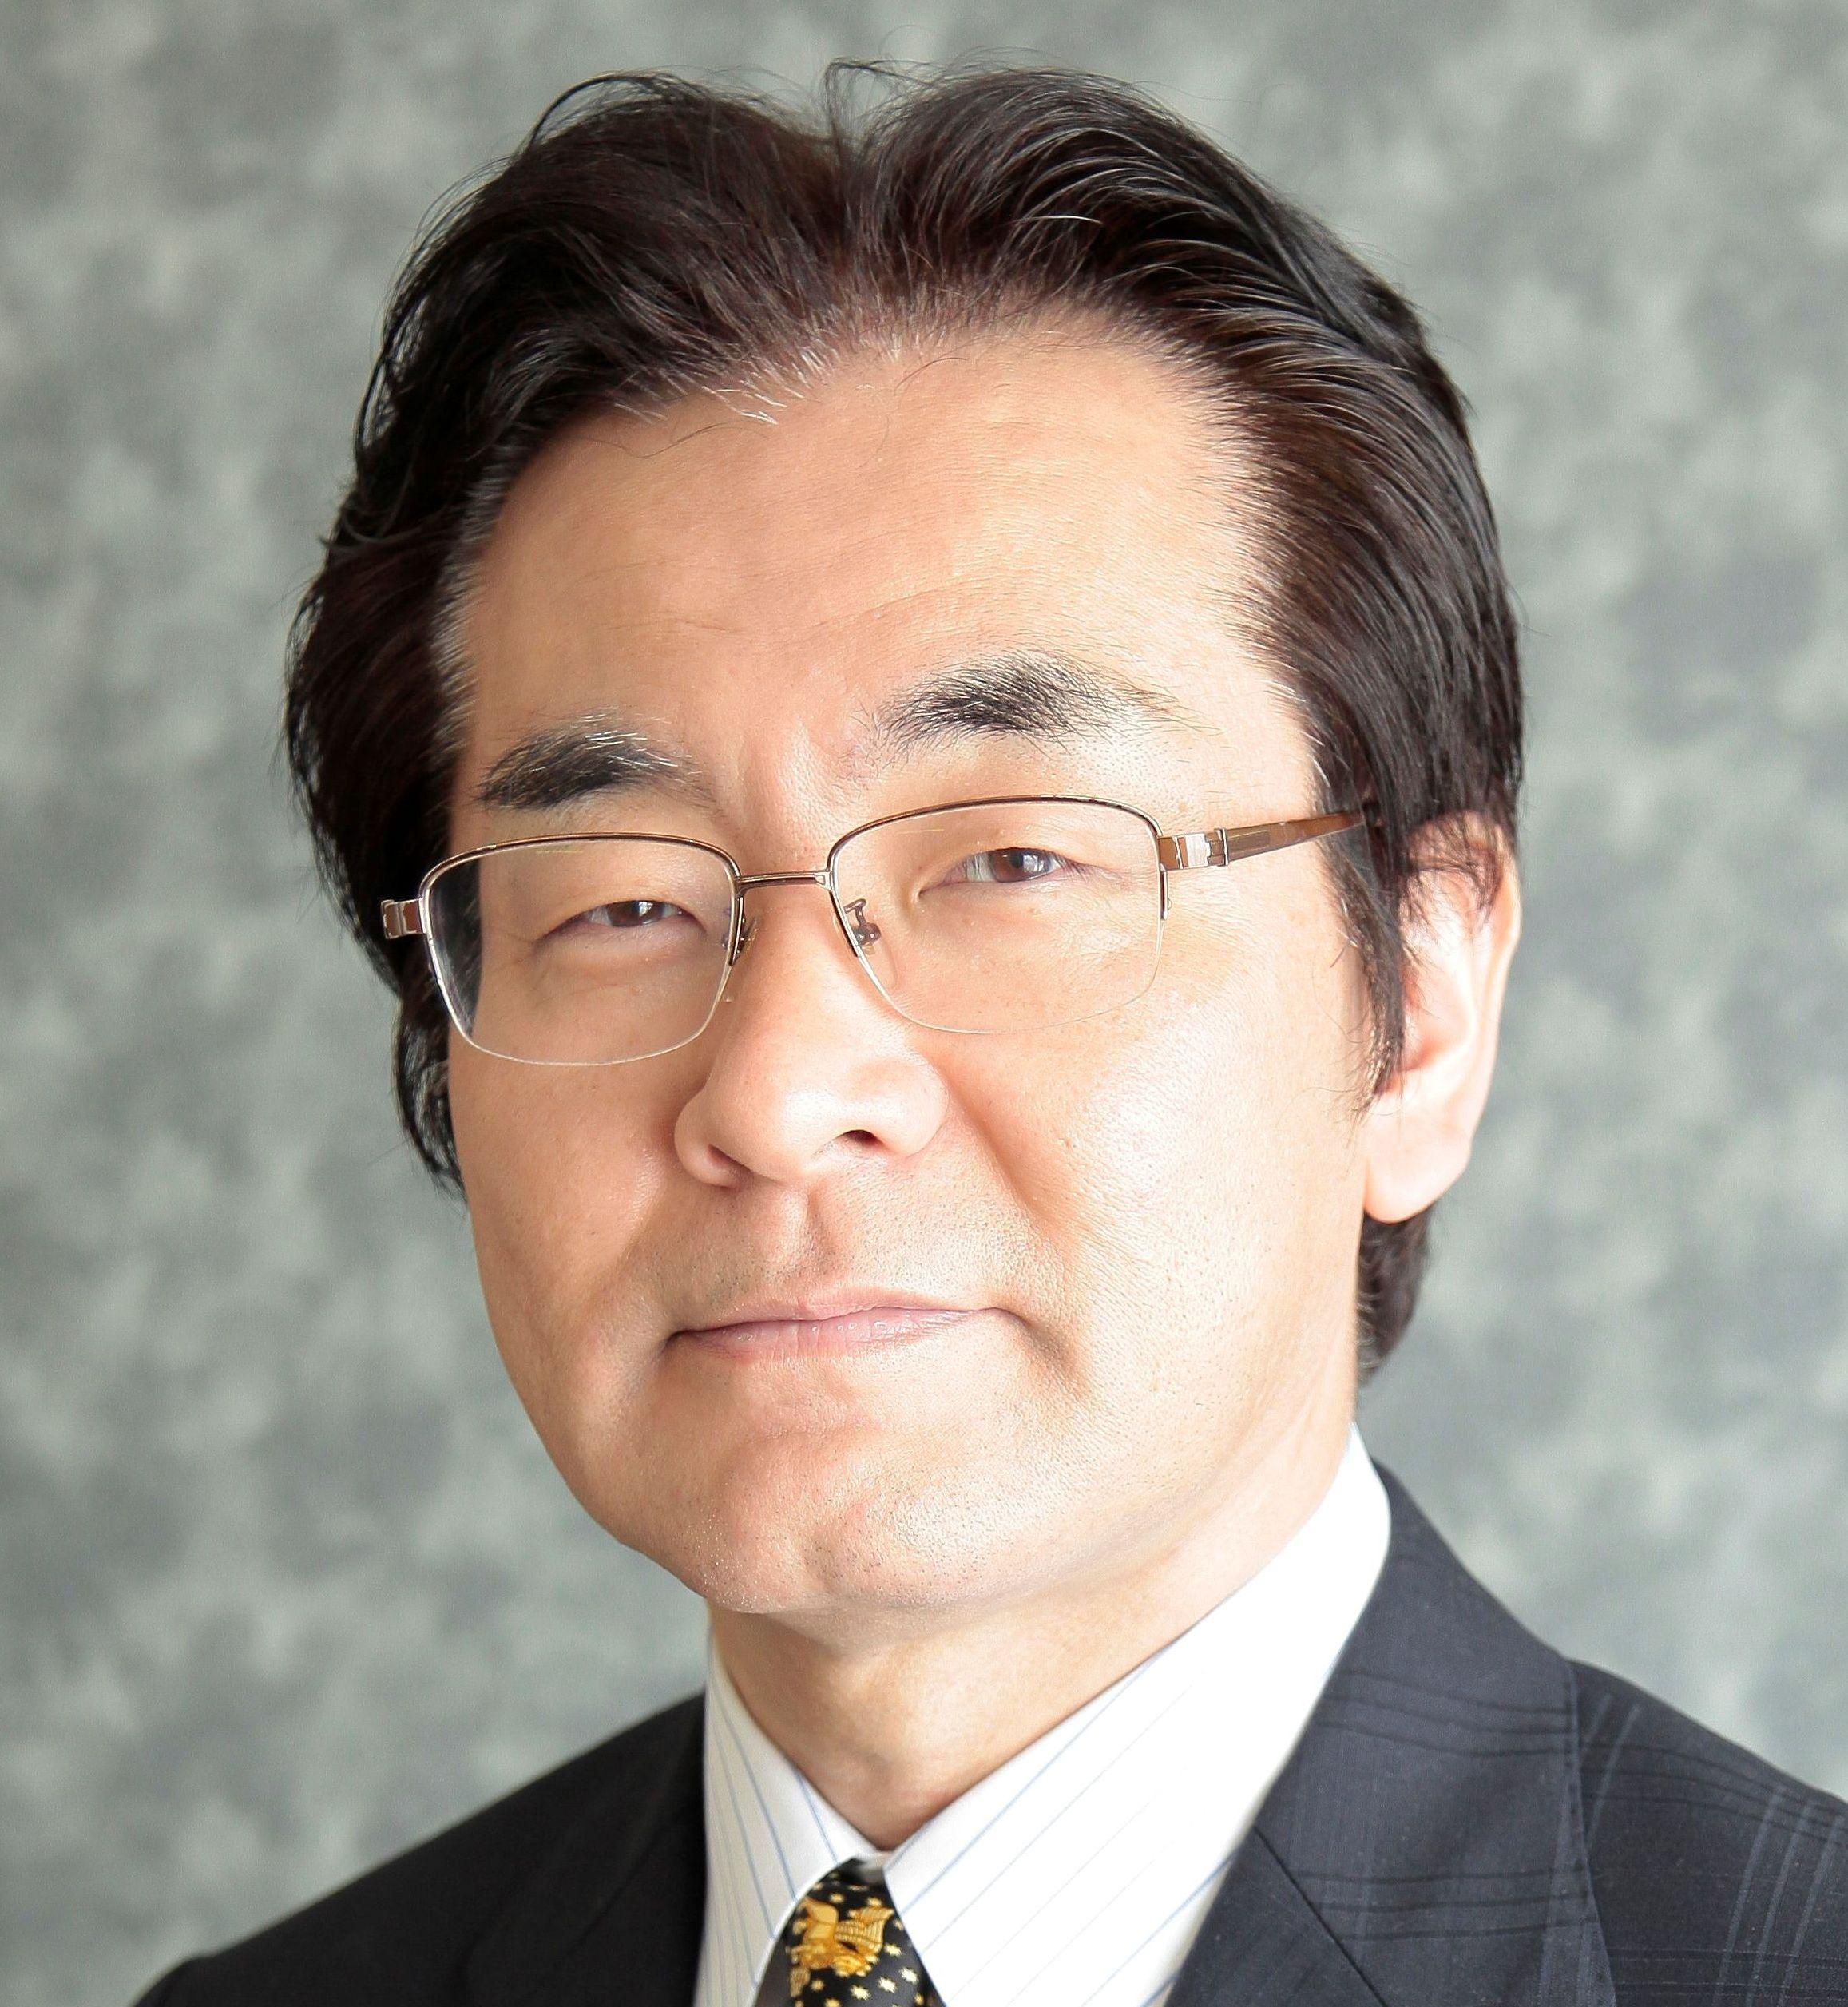 秋山勉登務 先生